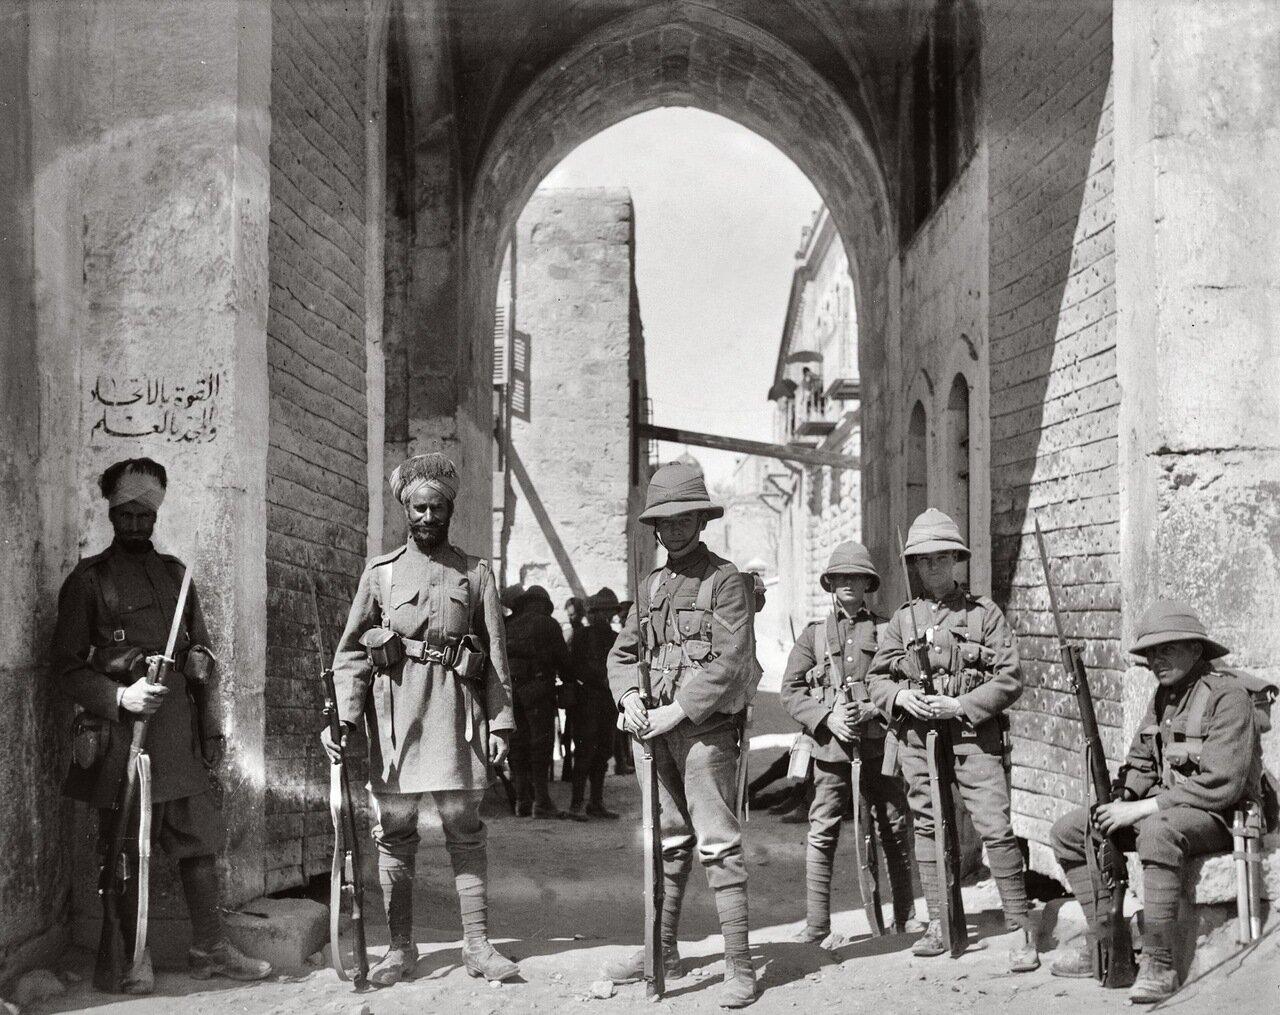 Индийские и британские охранники у ворот Св. Стефана. Иерусалим. 8 апреля 1920